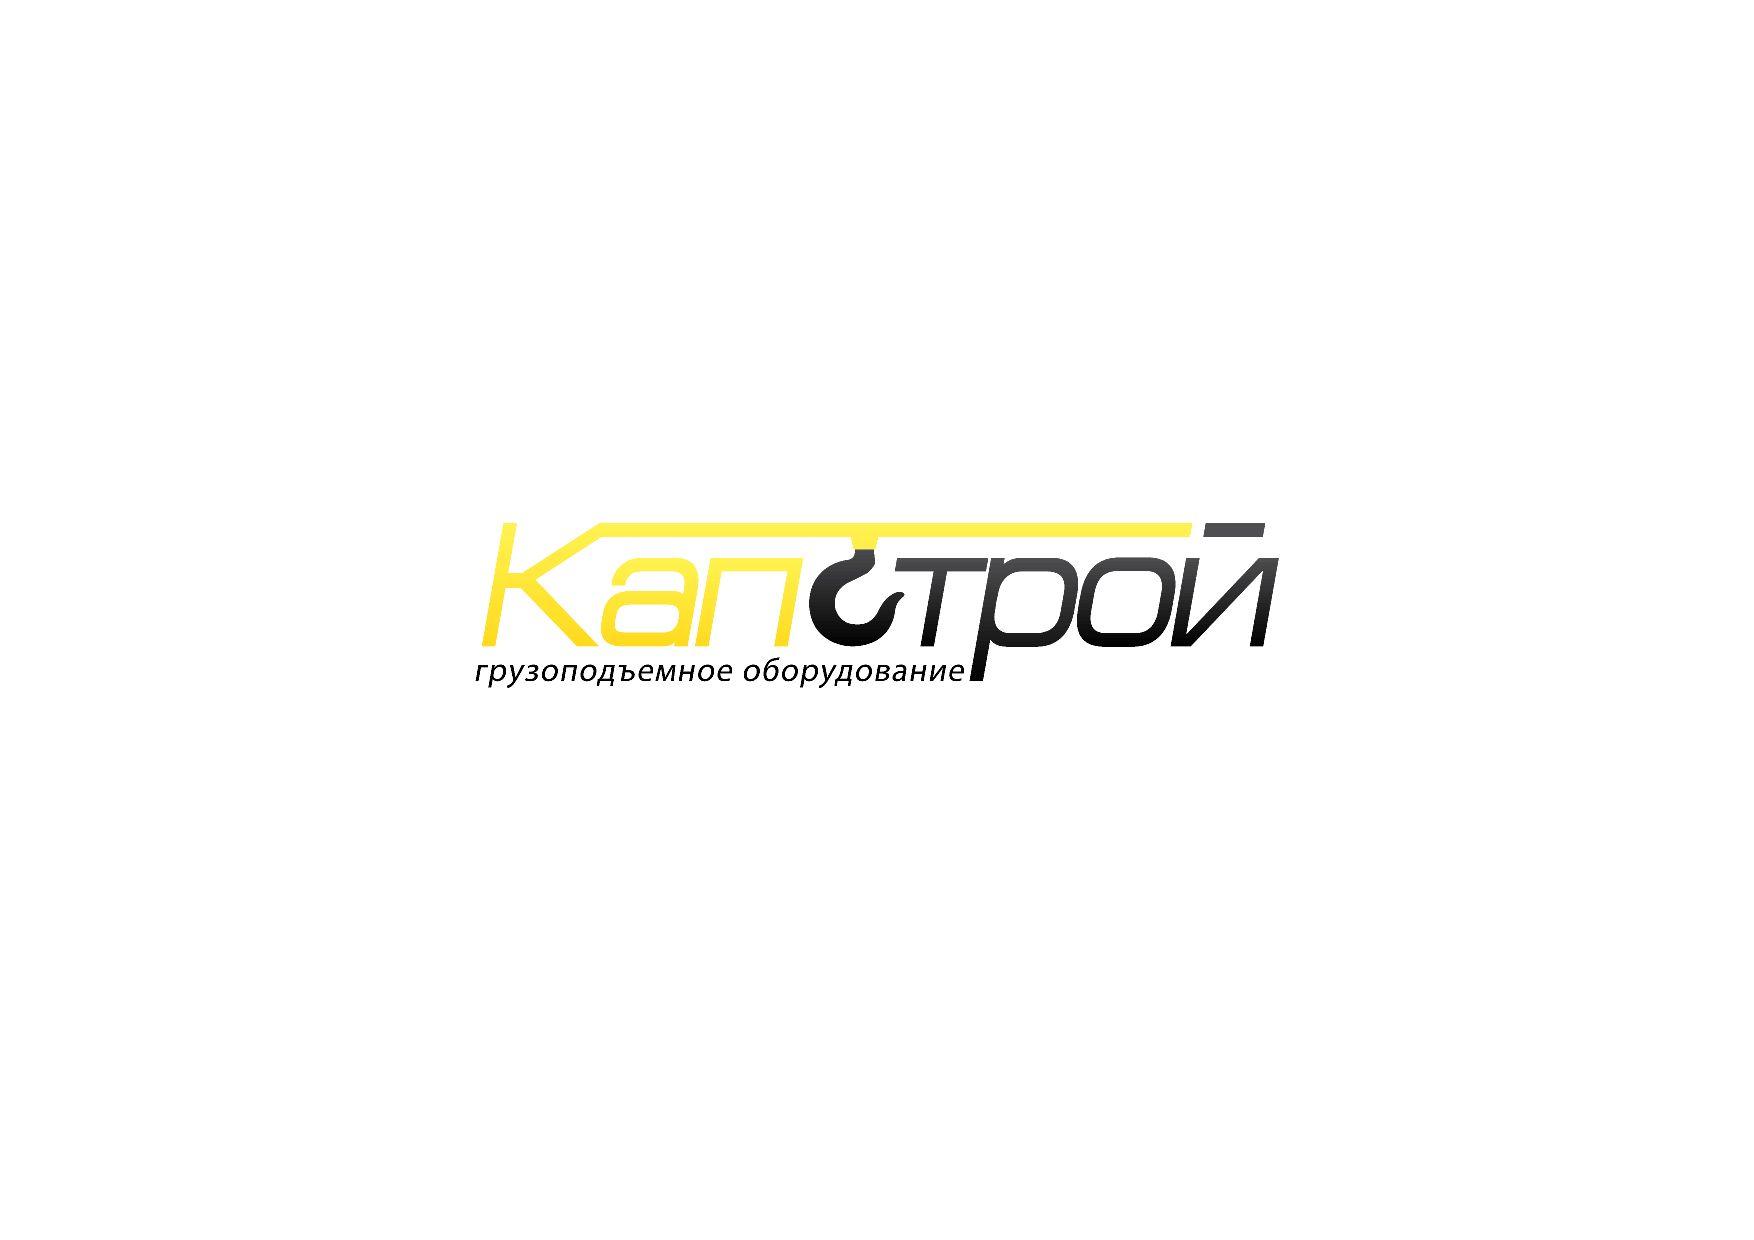 Лого и фирменный стиль для Капстрой  - дизайнер Krupicki